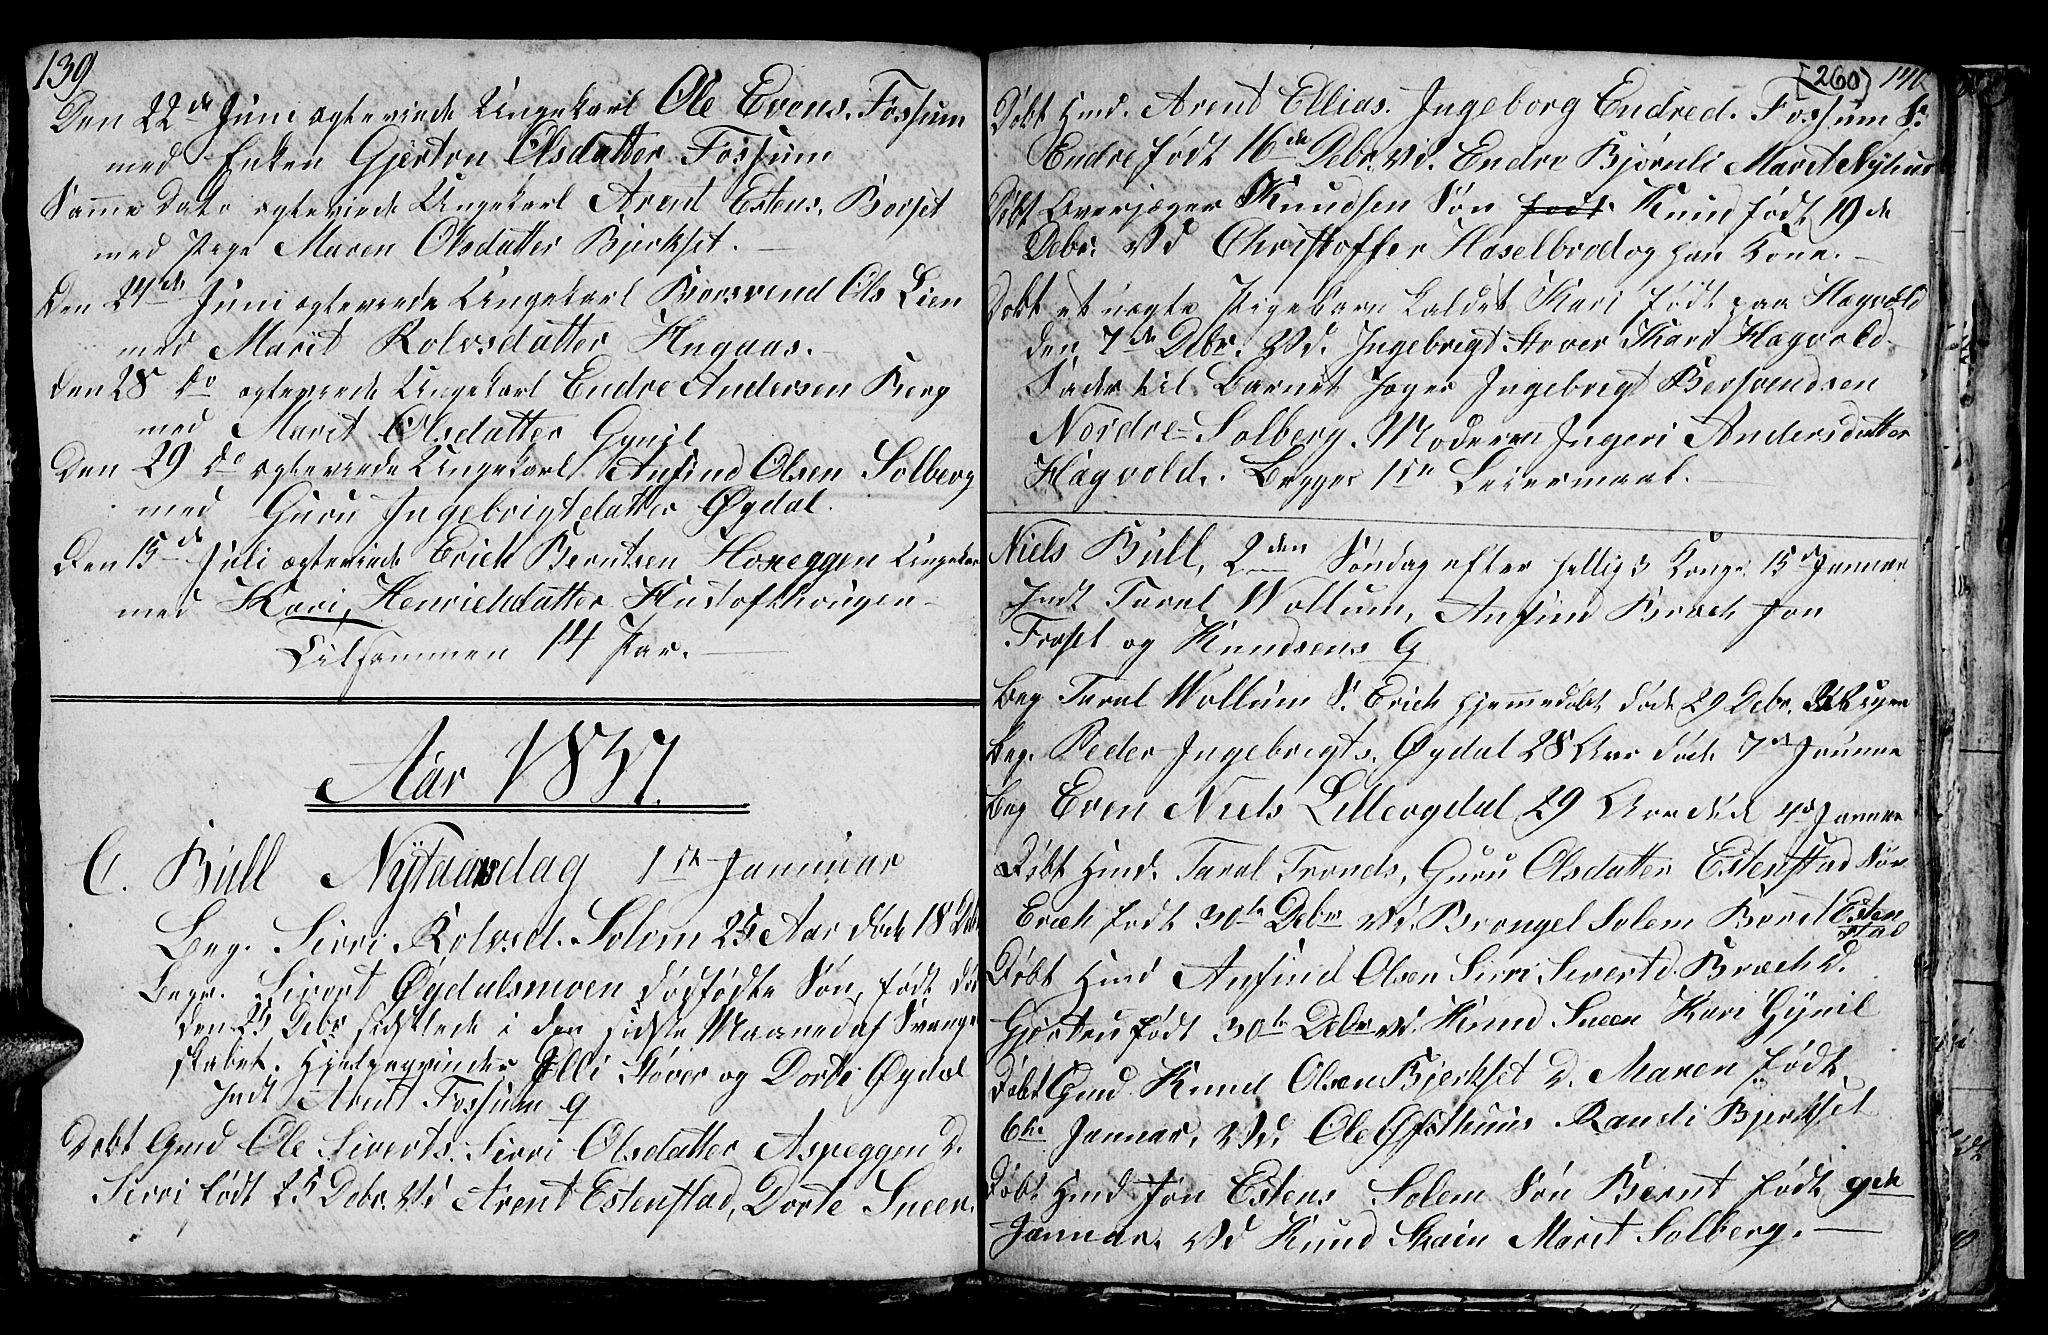 SAT, Ministerialprotokoller, klokkerbøker og fødselsregistre - Sør-Trøndelag, 689/L1042: Klokkerbok nr. 689C01, 1812-1841, s. 259-260